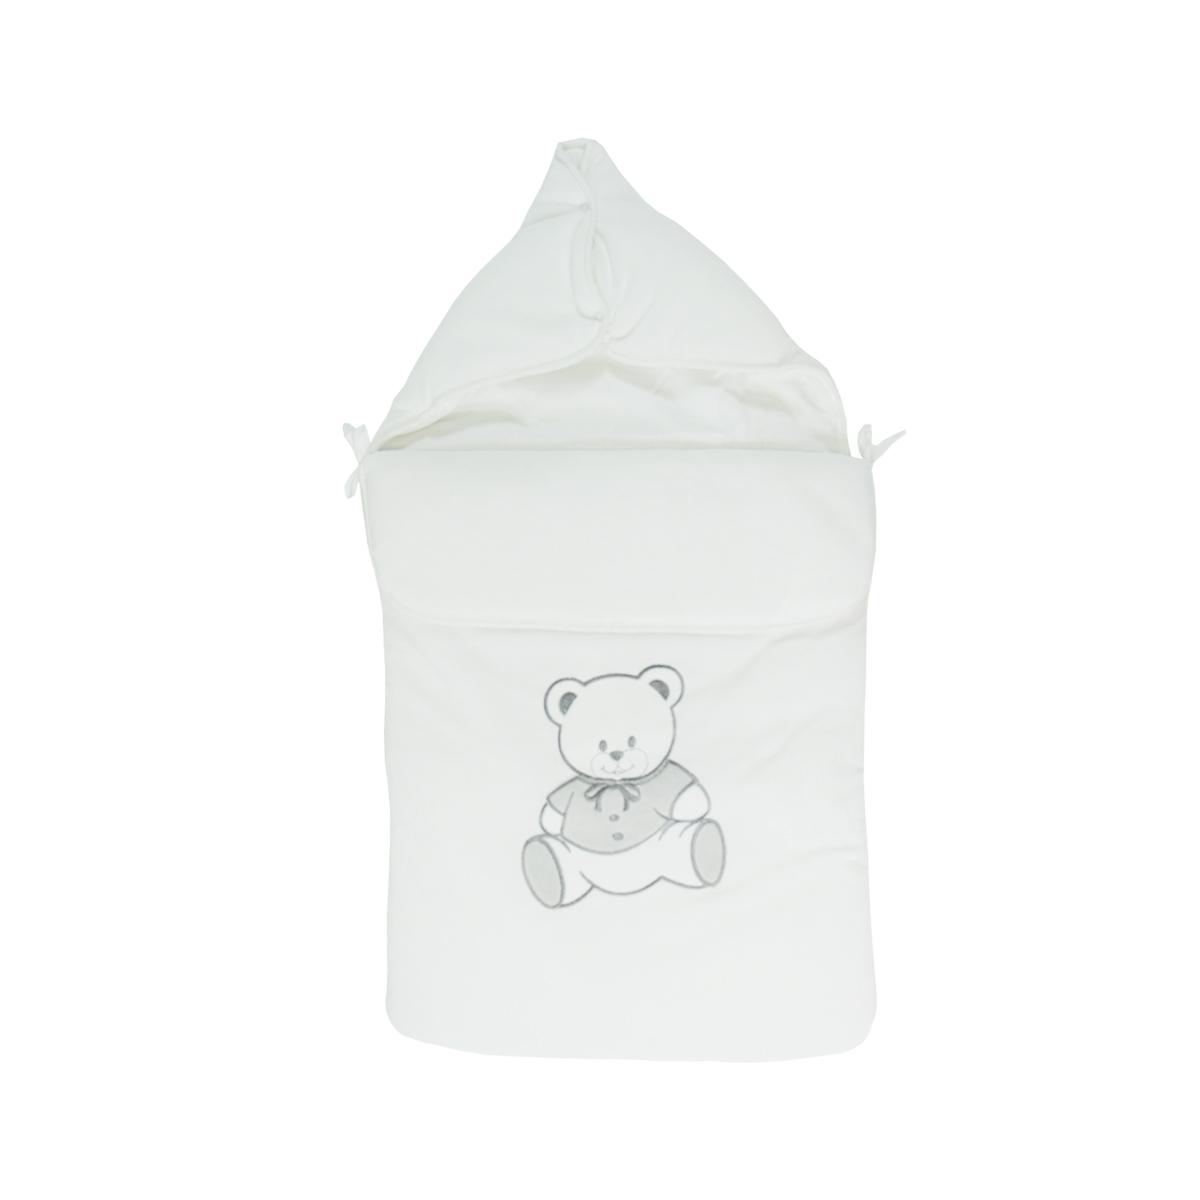 Nid d\'ange pour bébé 0 à 6 Mois blanc - Motif Nounours